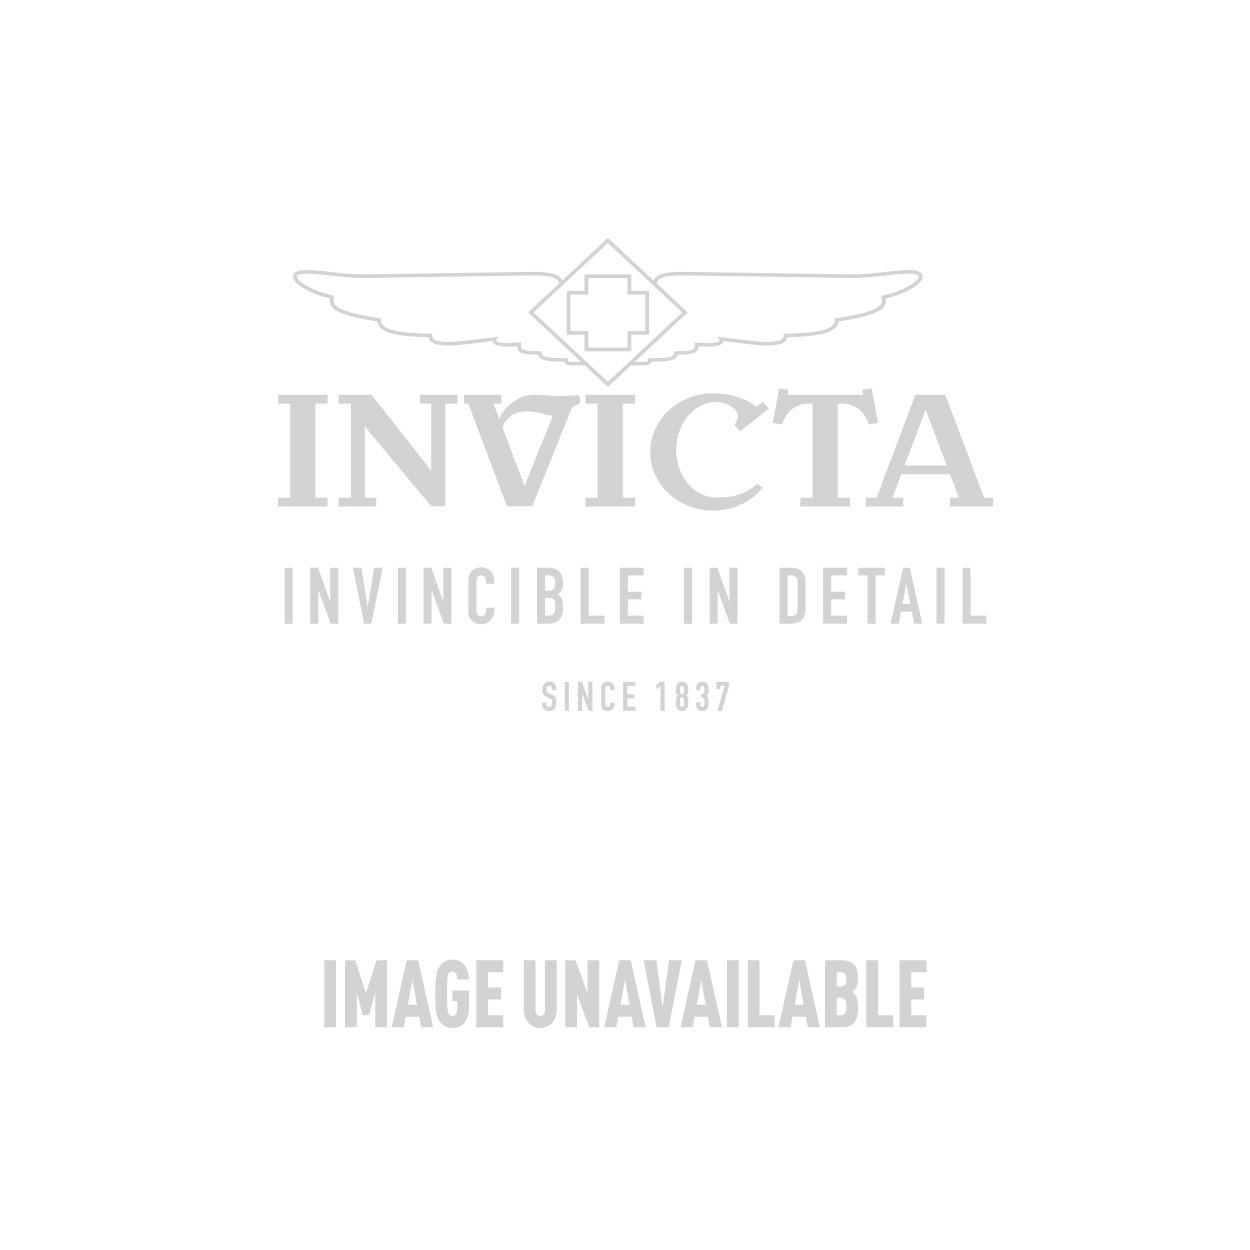 Invicta Model 24649